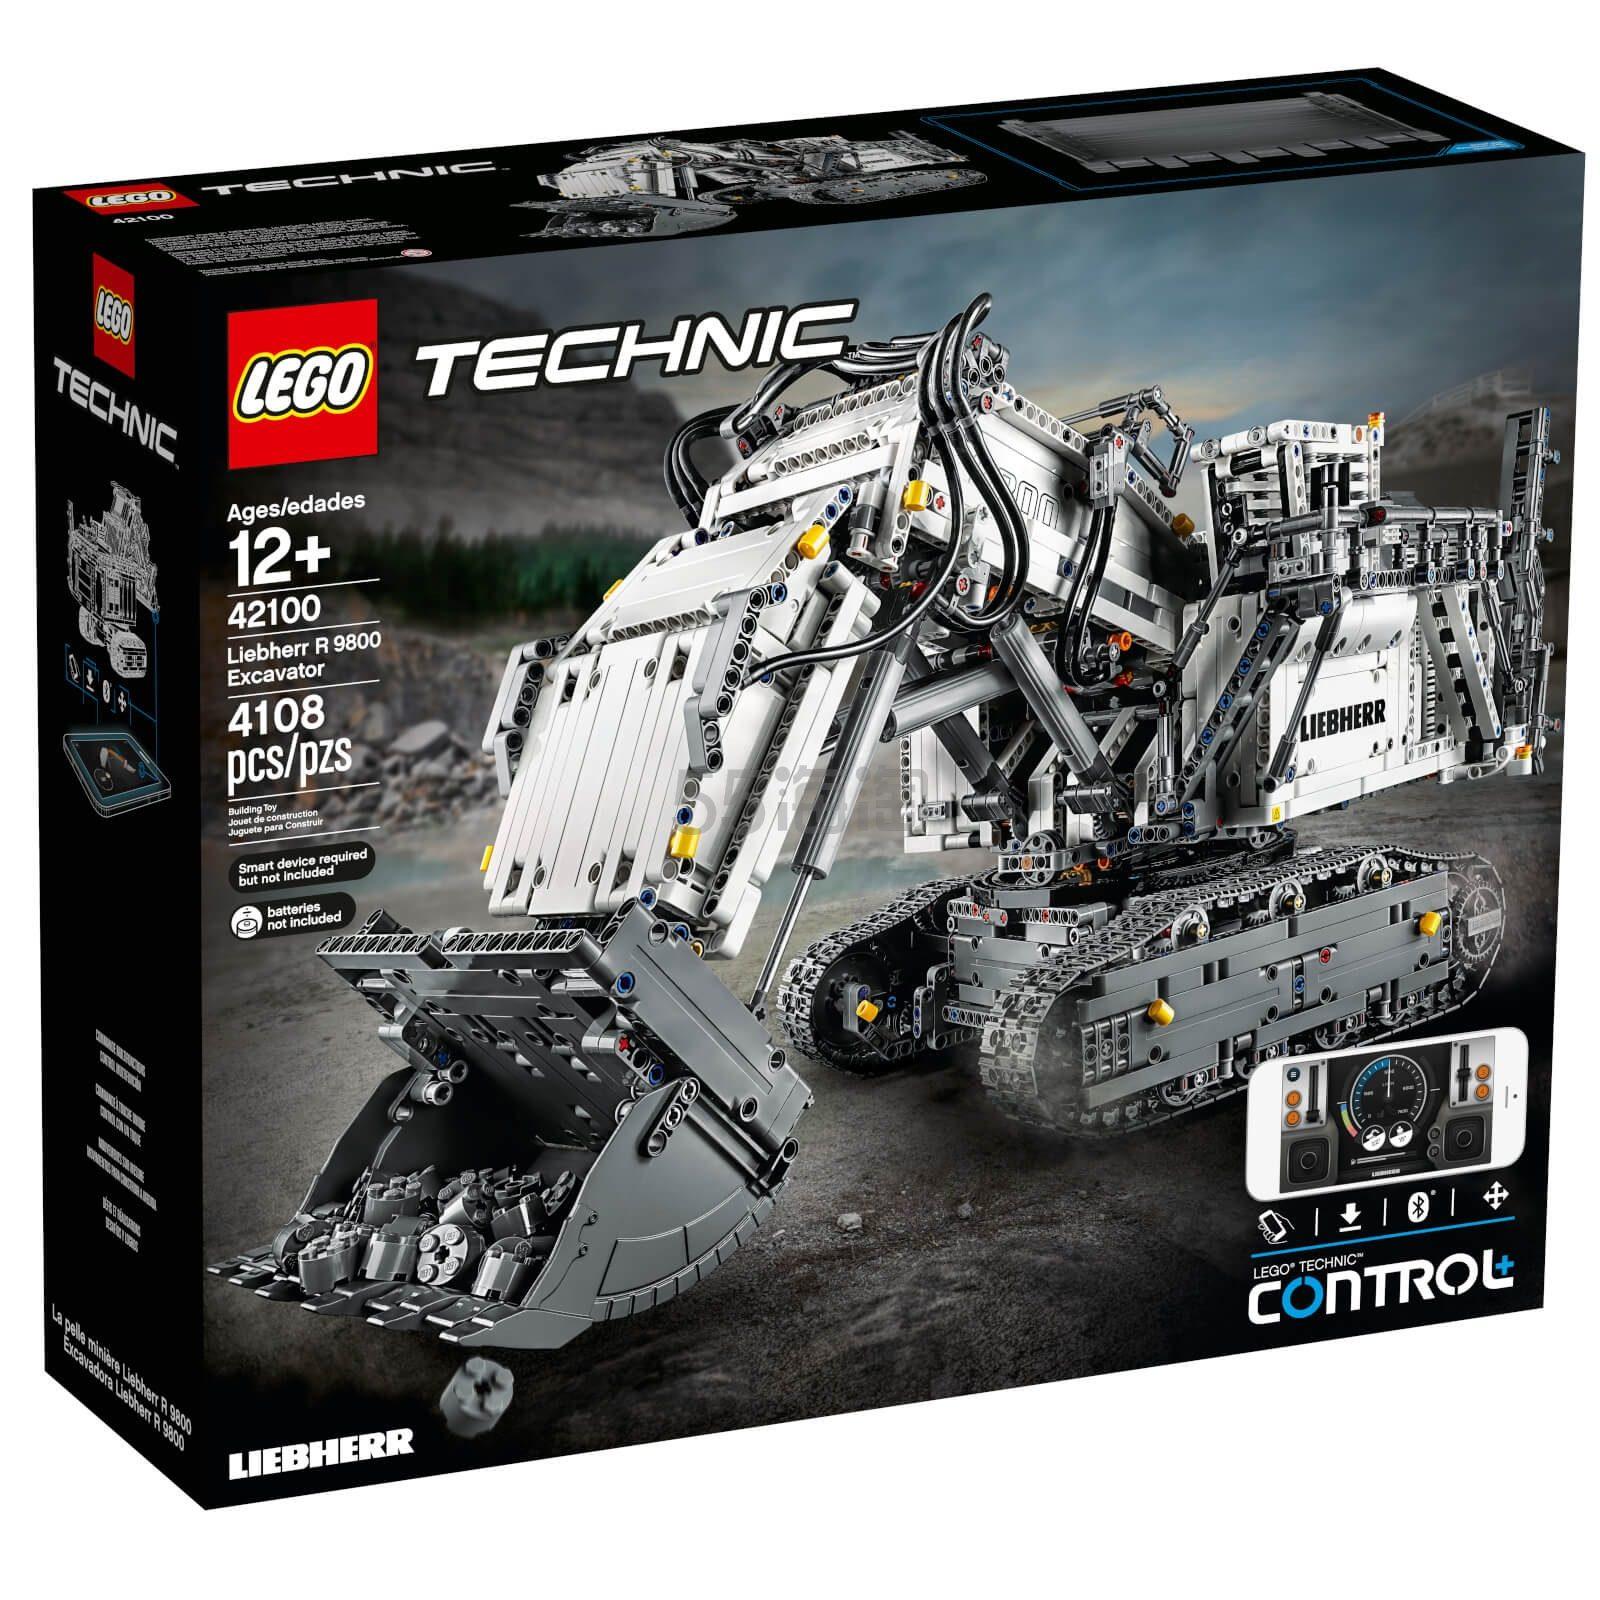 LEGO 乐高 科技系列 利勃海尔 R9800 遥控挖掘机 (42100)